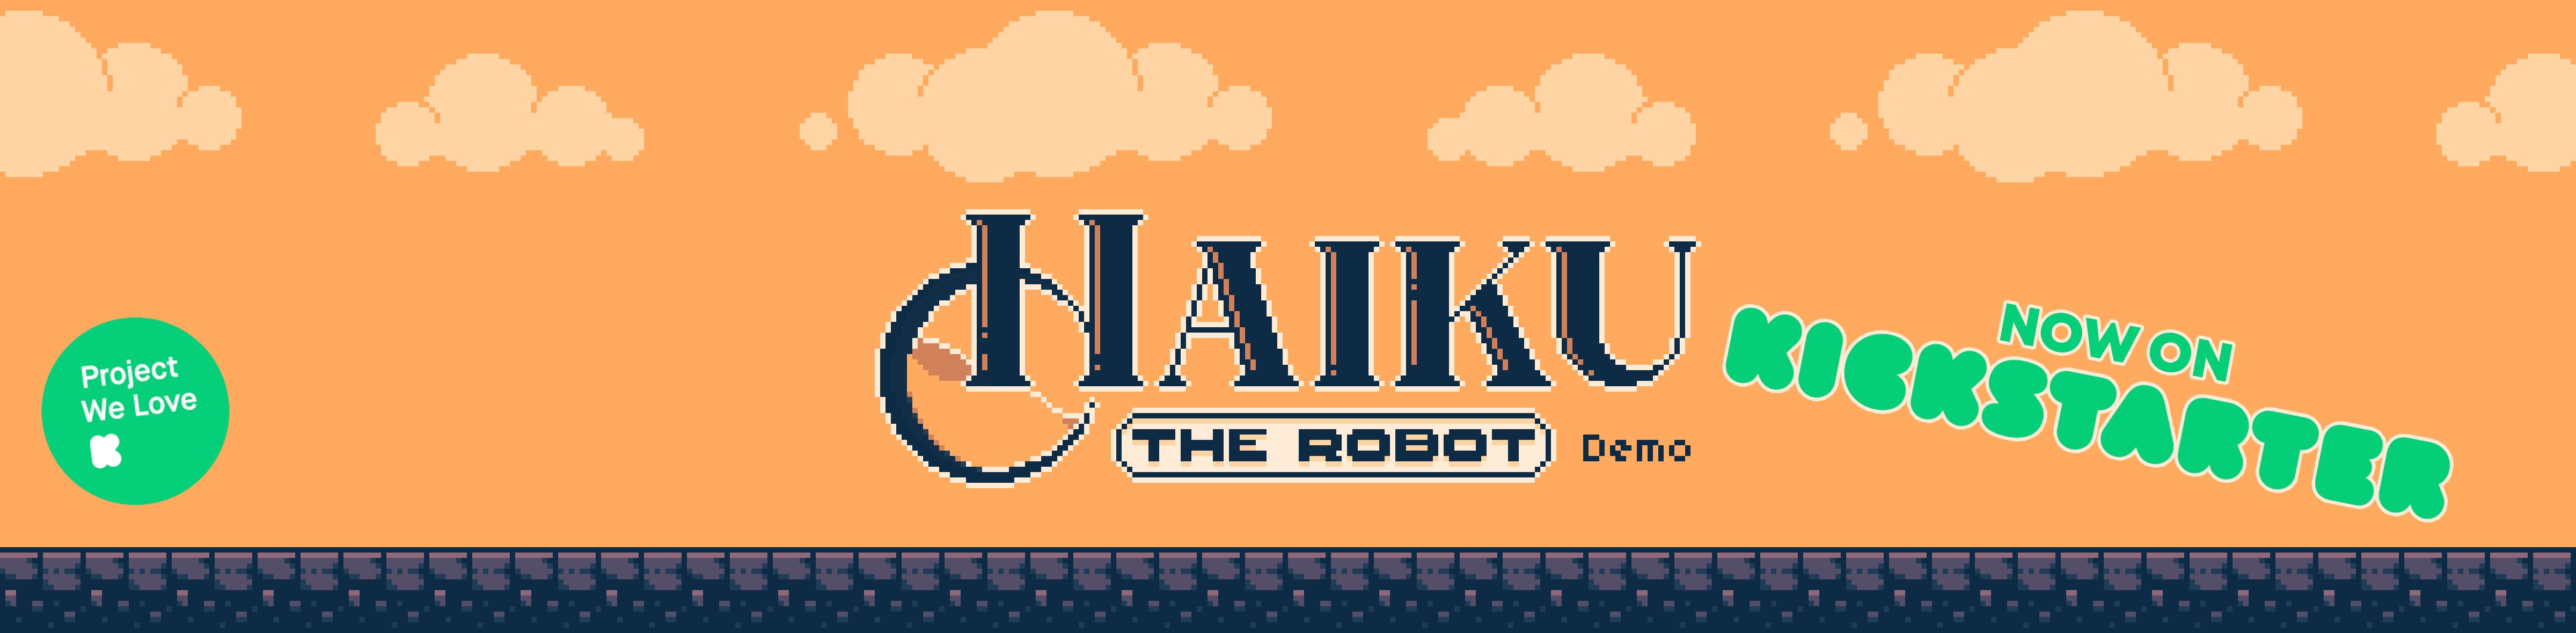 Haiku, the Robot - KICKSTARTER DEMO